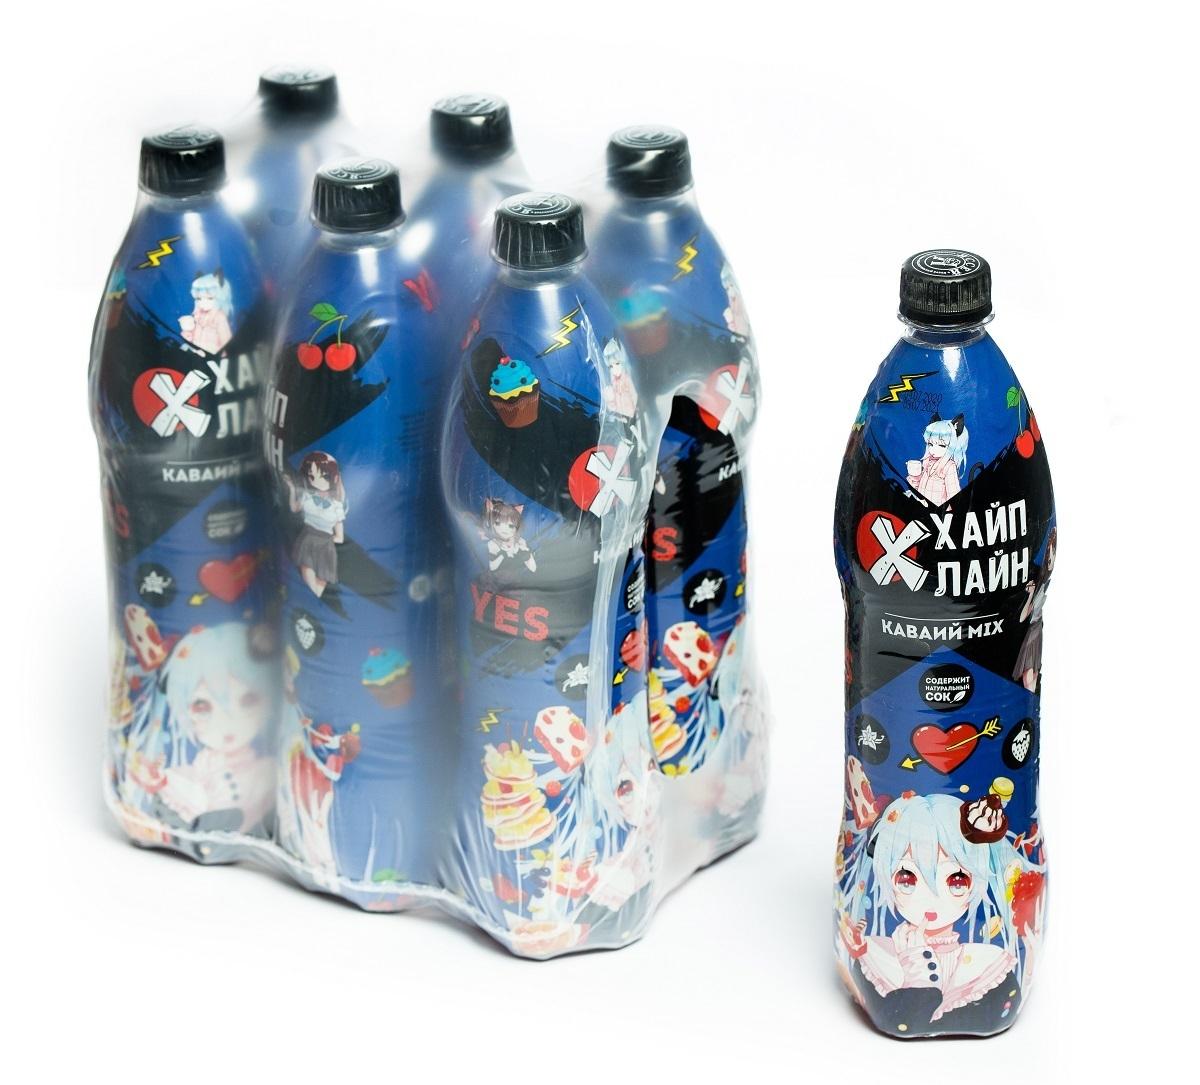 """Газированный напиток Хайплайн, """"Каваий MIX"""", 6 штук по 0,85 л"""